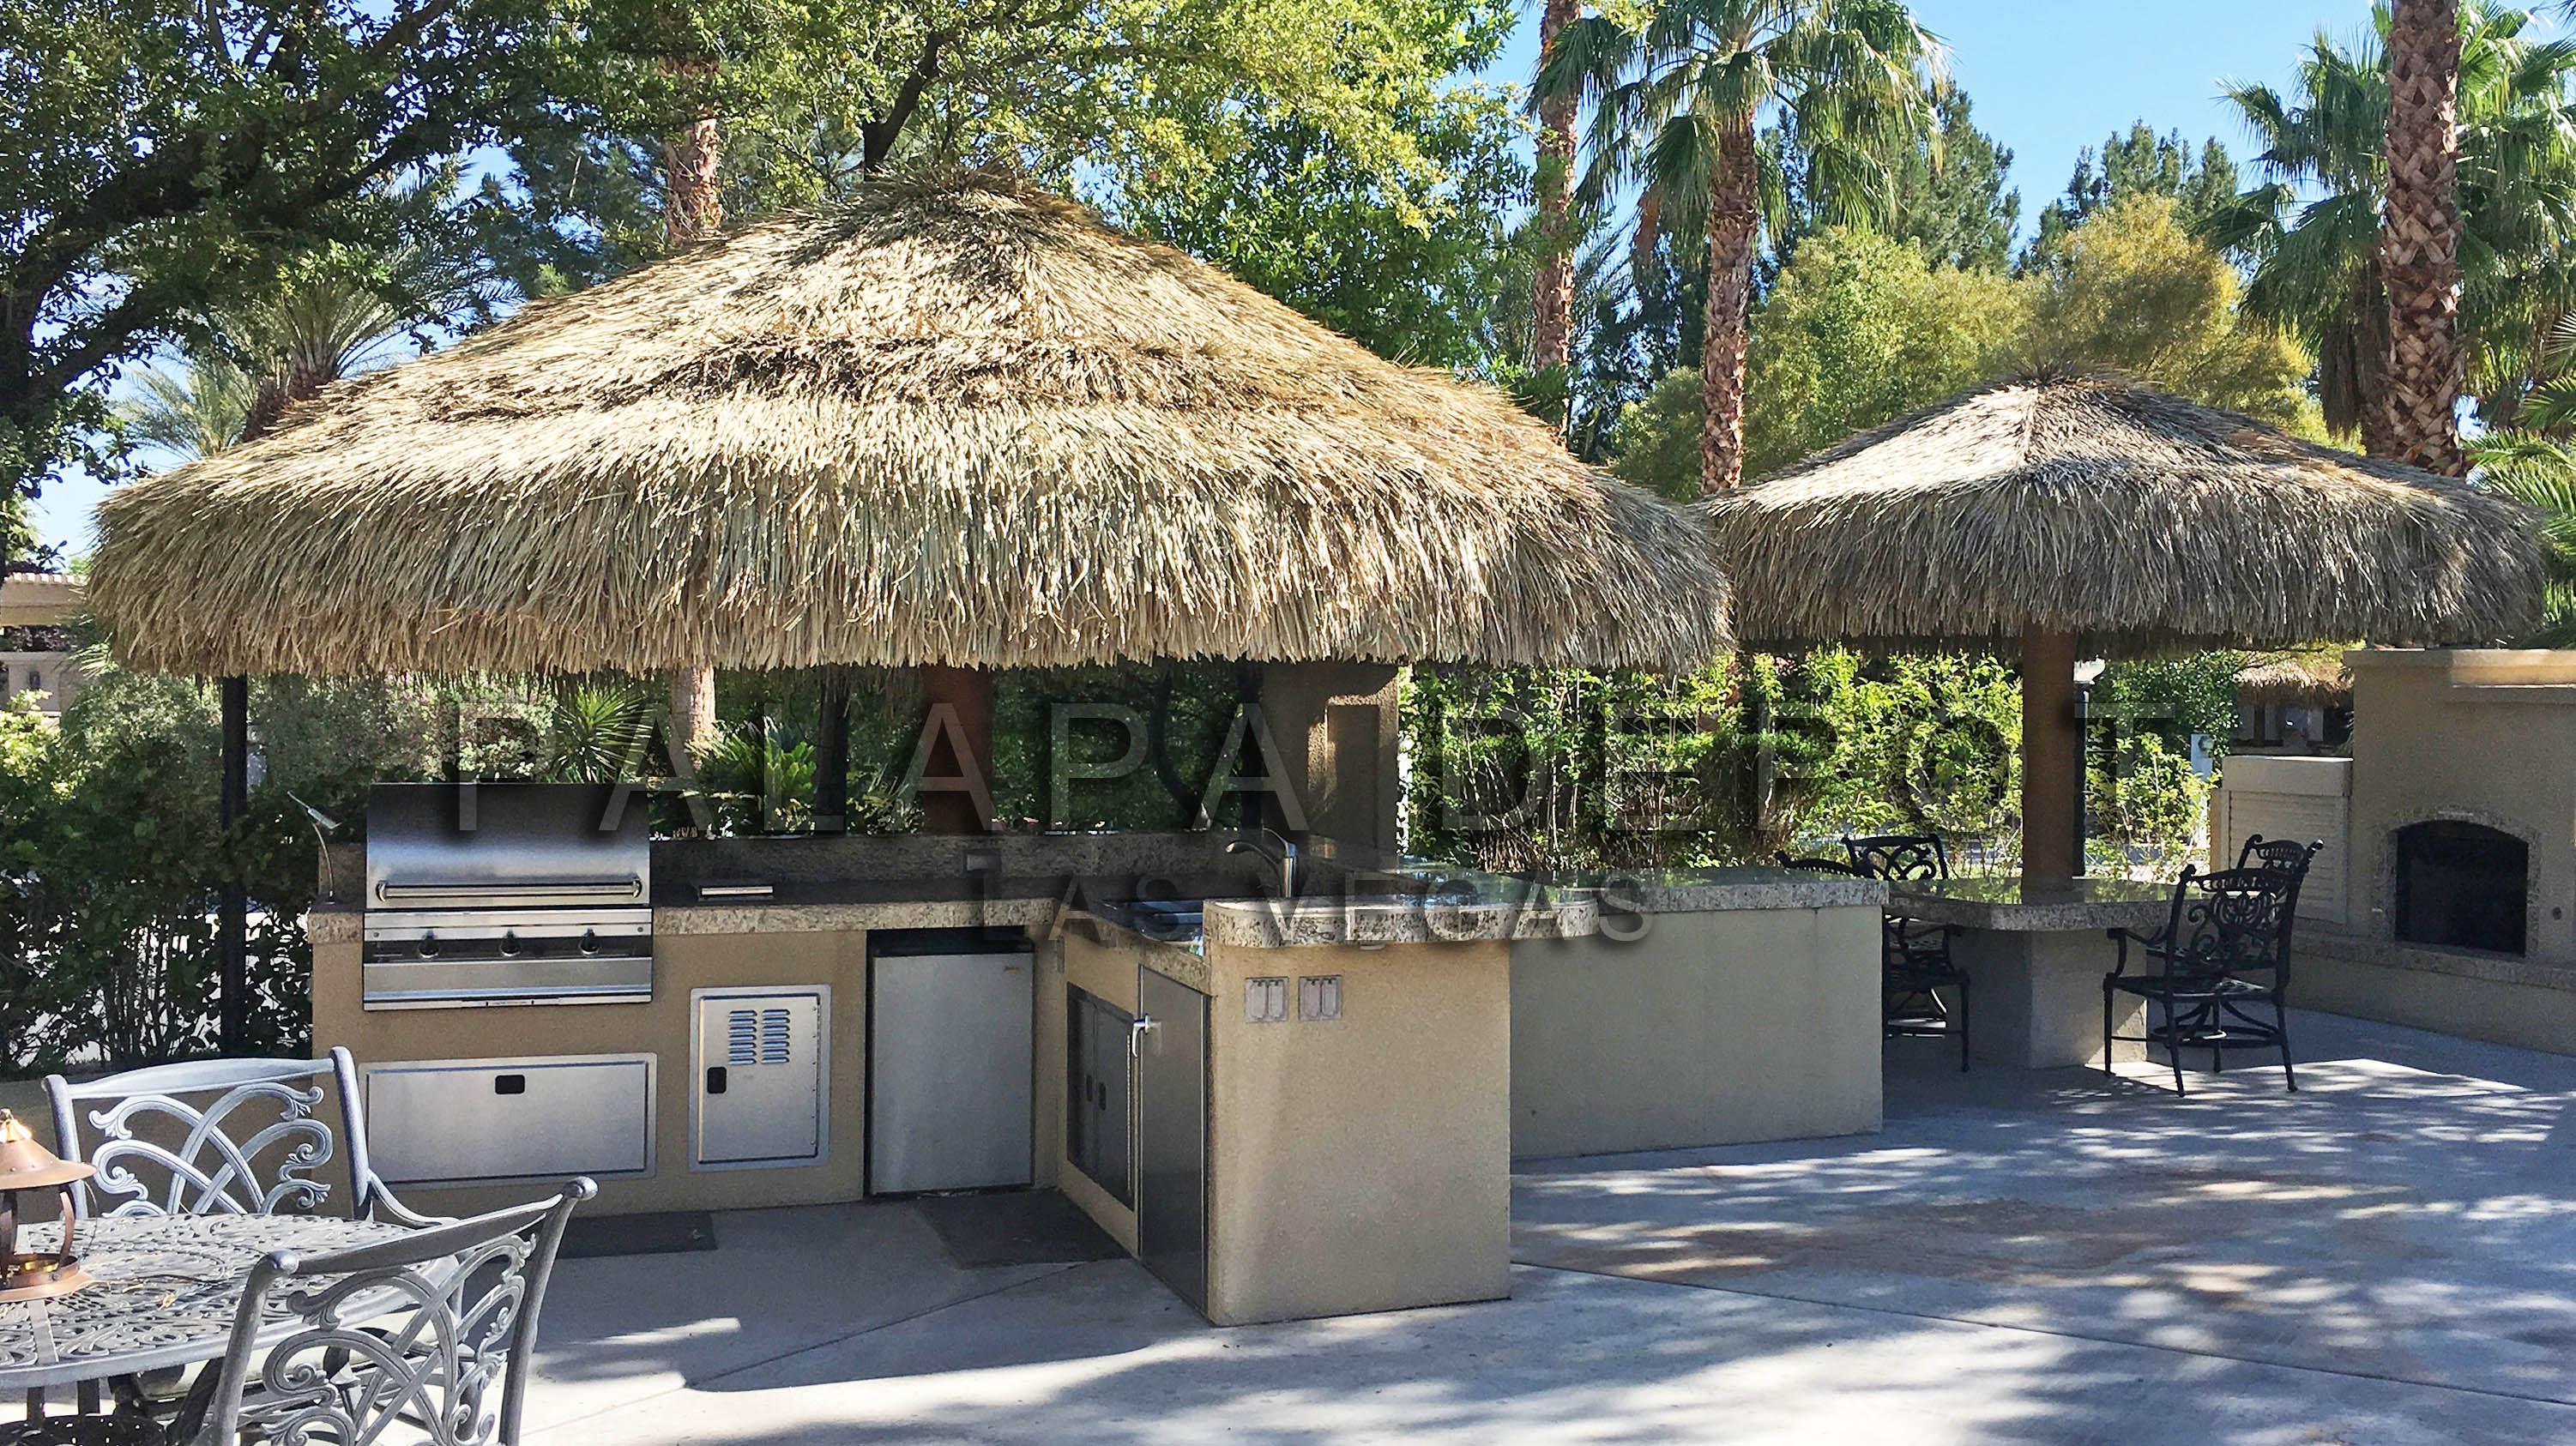 Bbq Backyard Palapa on Palapa Bar Backyard id=42901